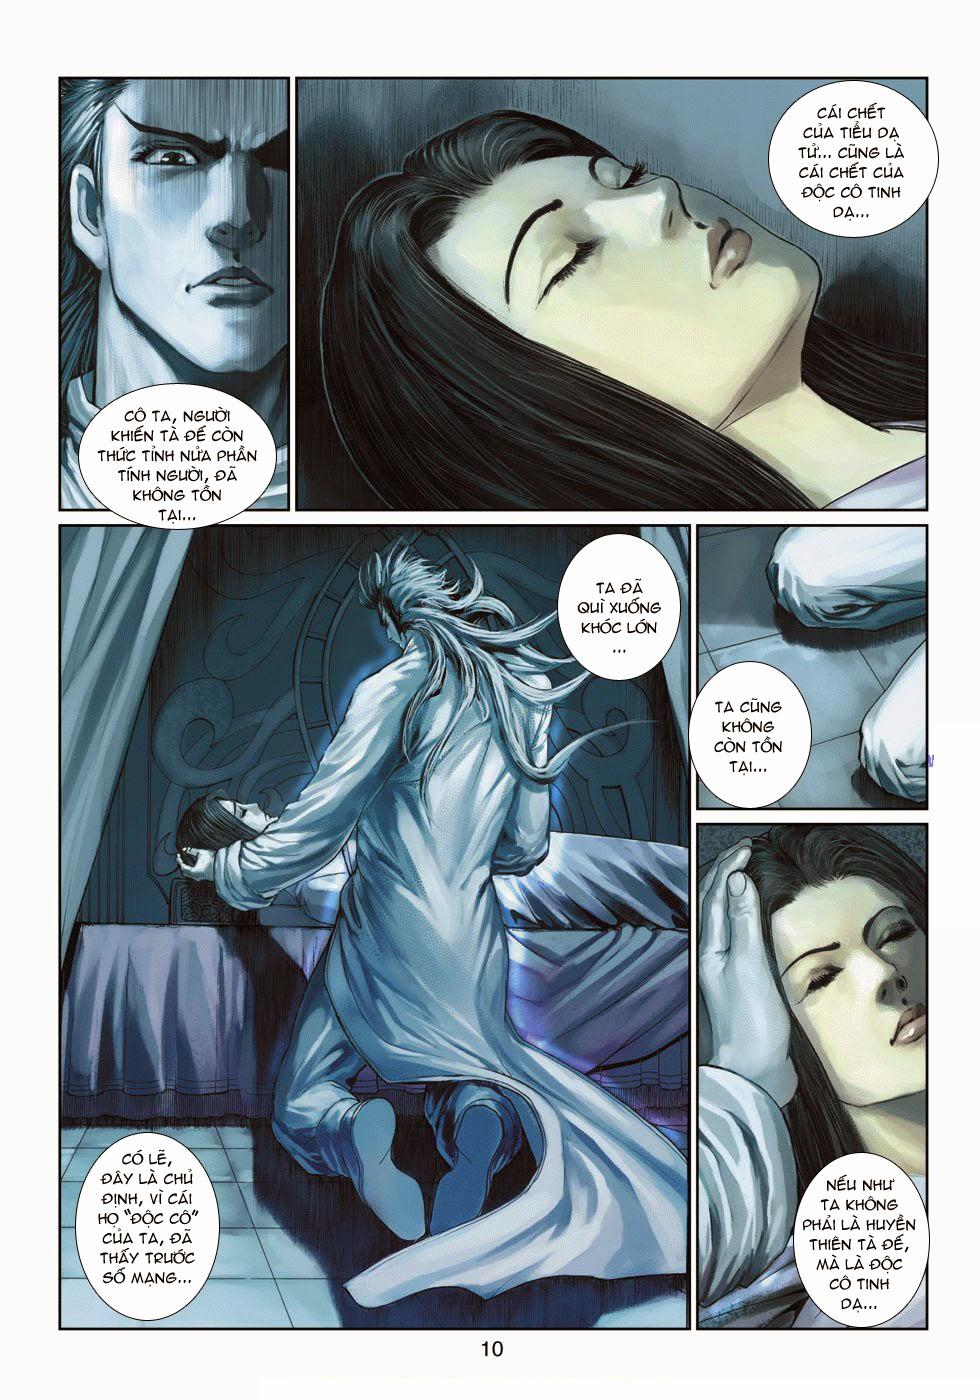 Thần Binh Tiền Truyện 4 - Huyền Thiên Tà Đế chap 14 - Trang 10